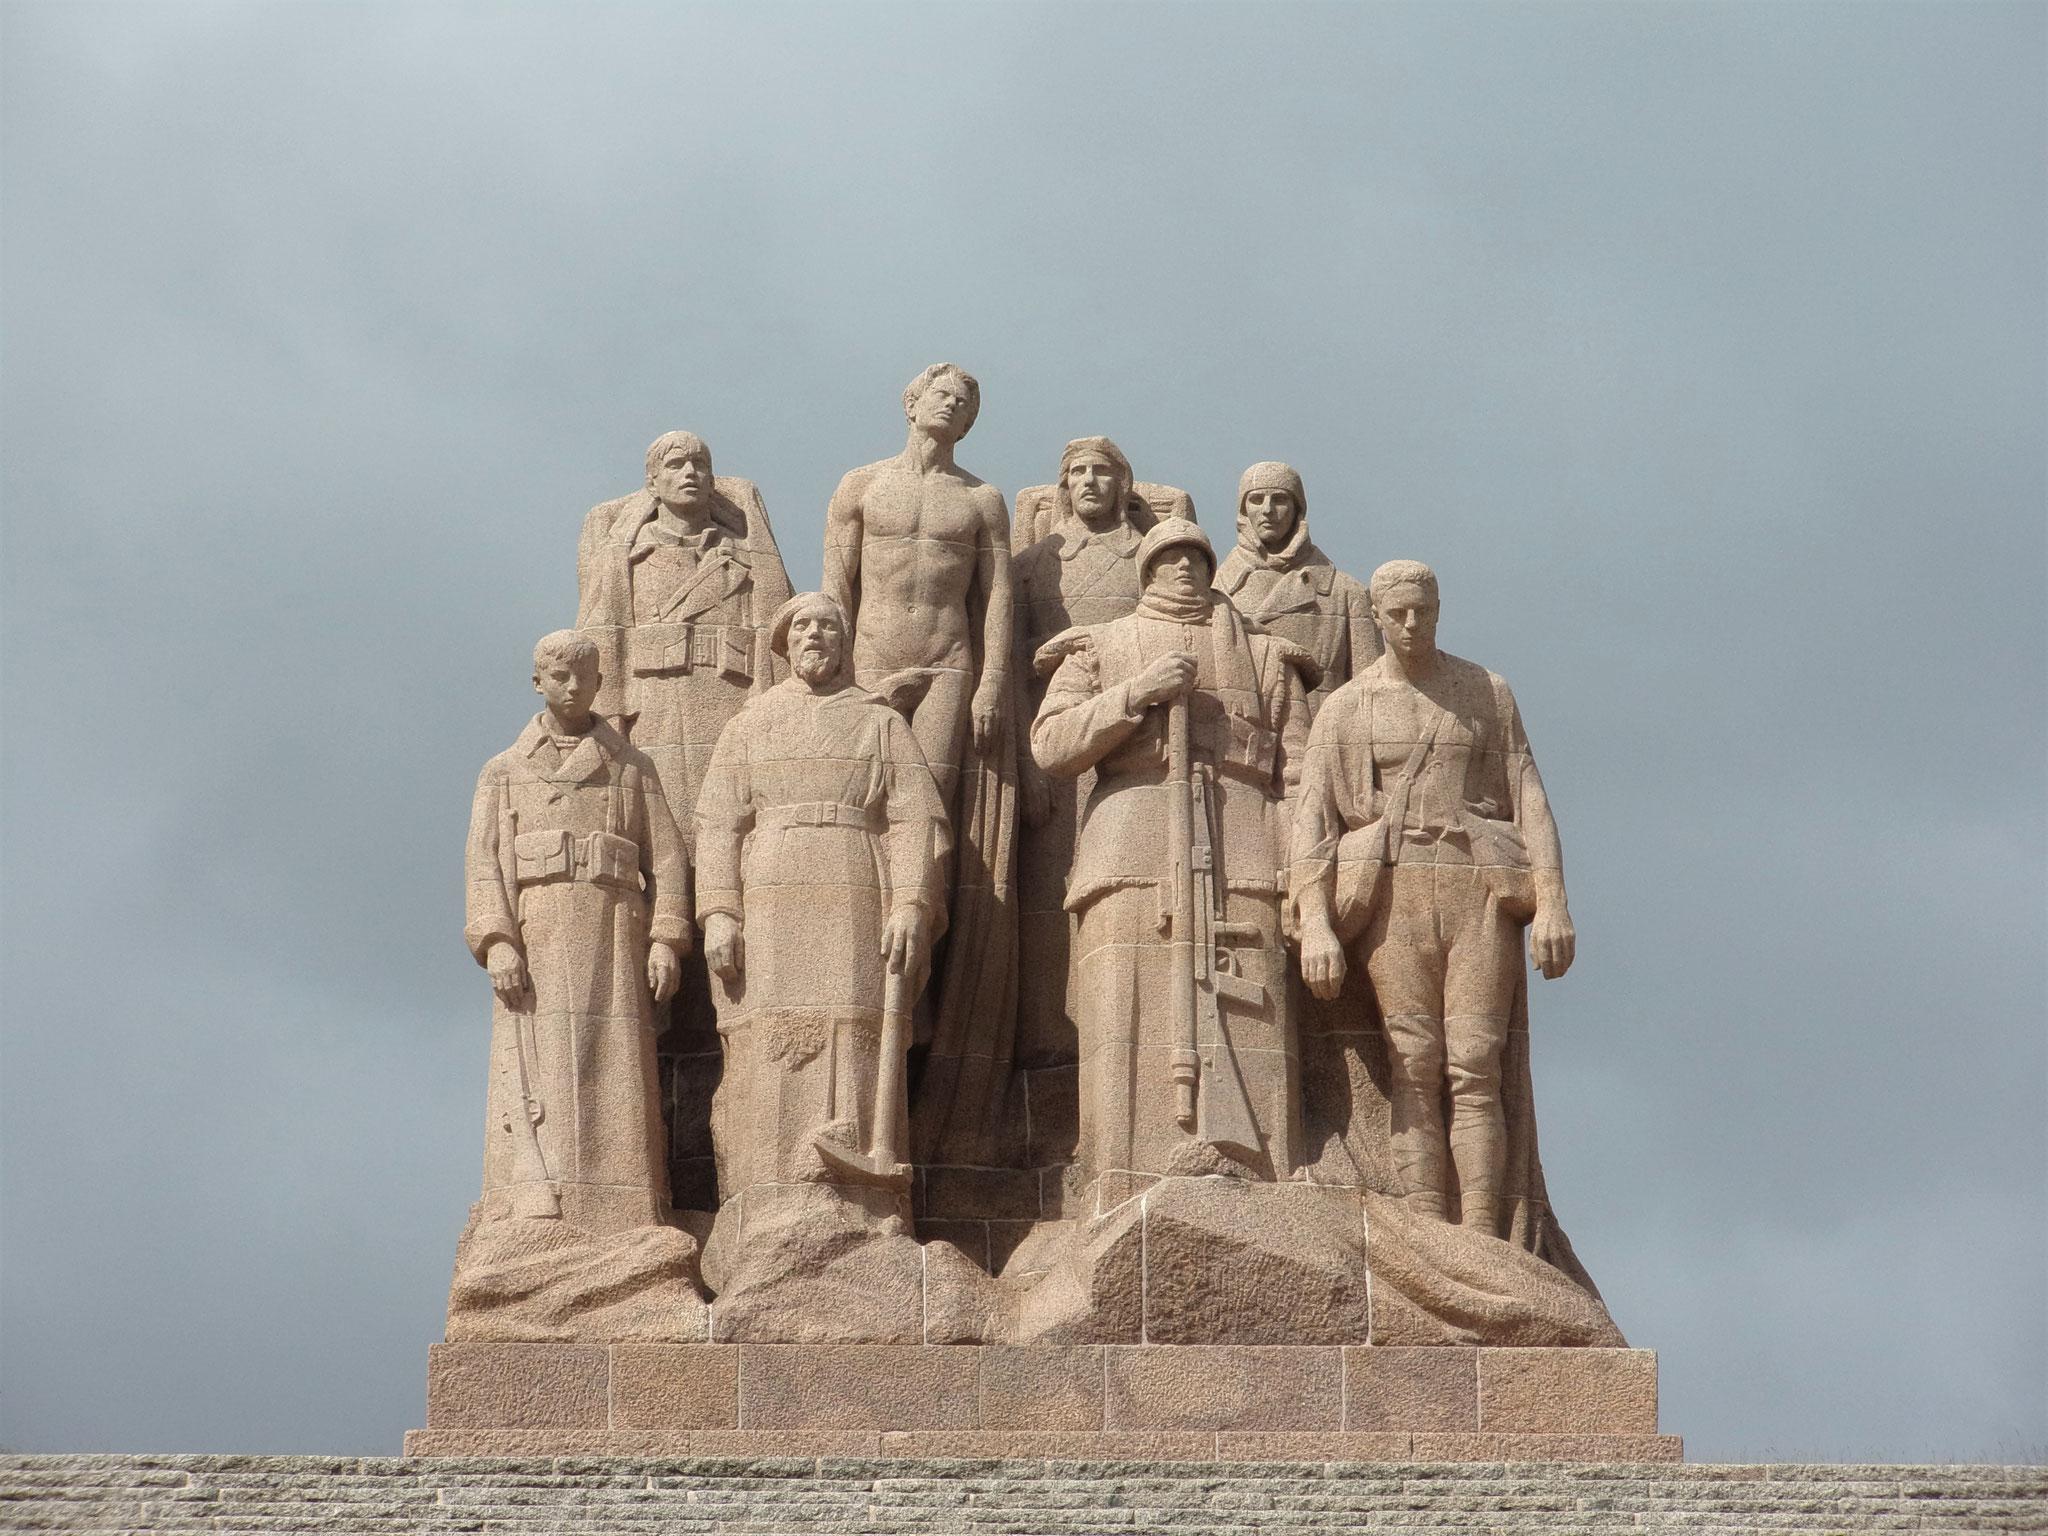 Monument des Fantômes